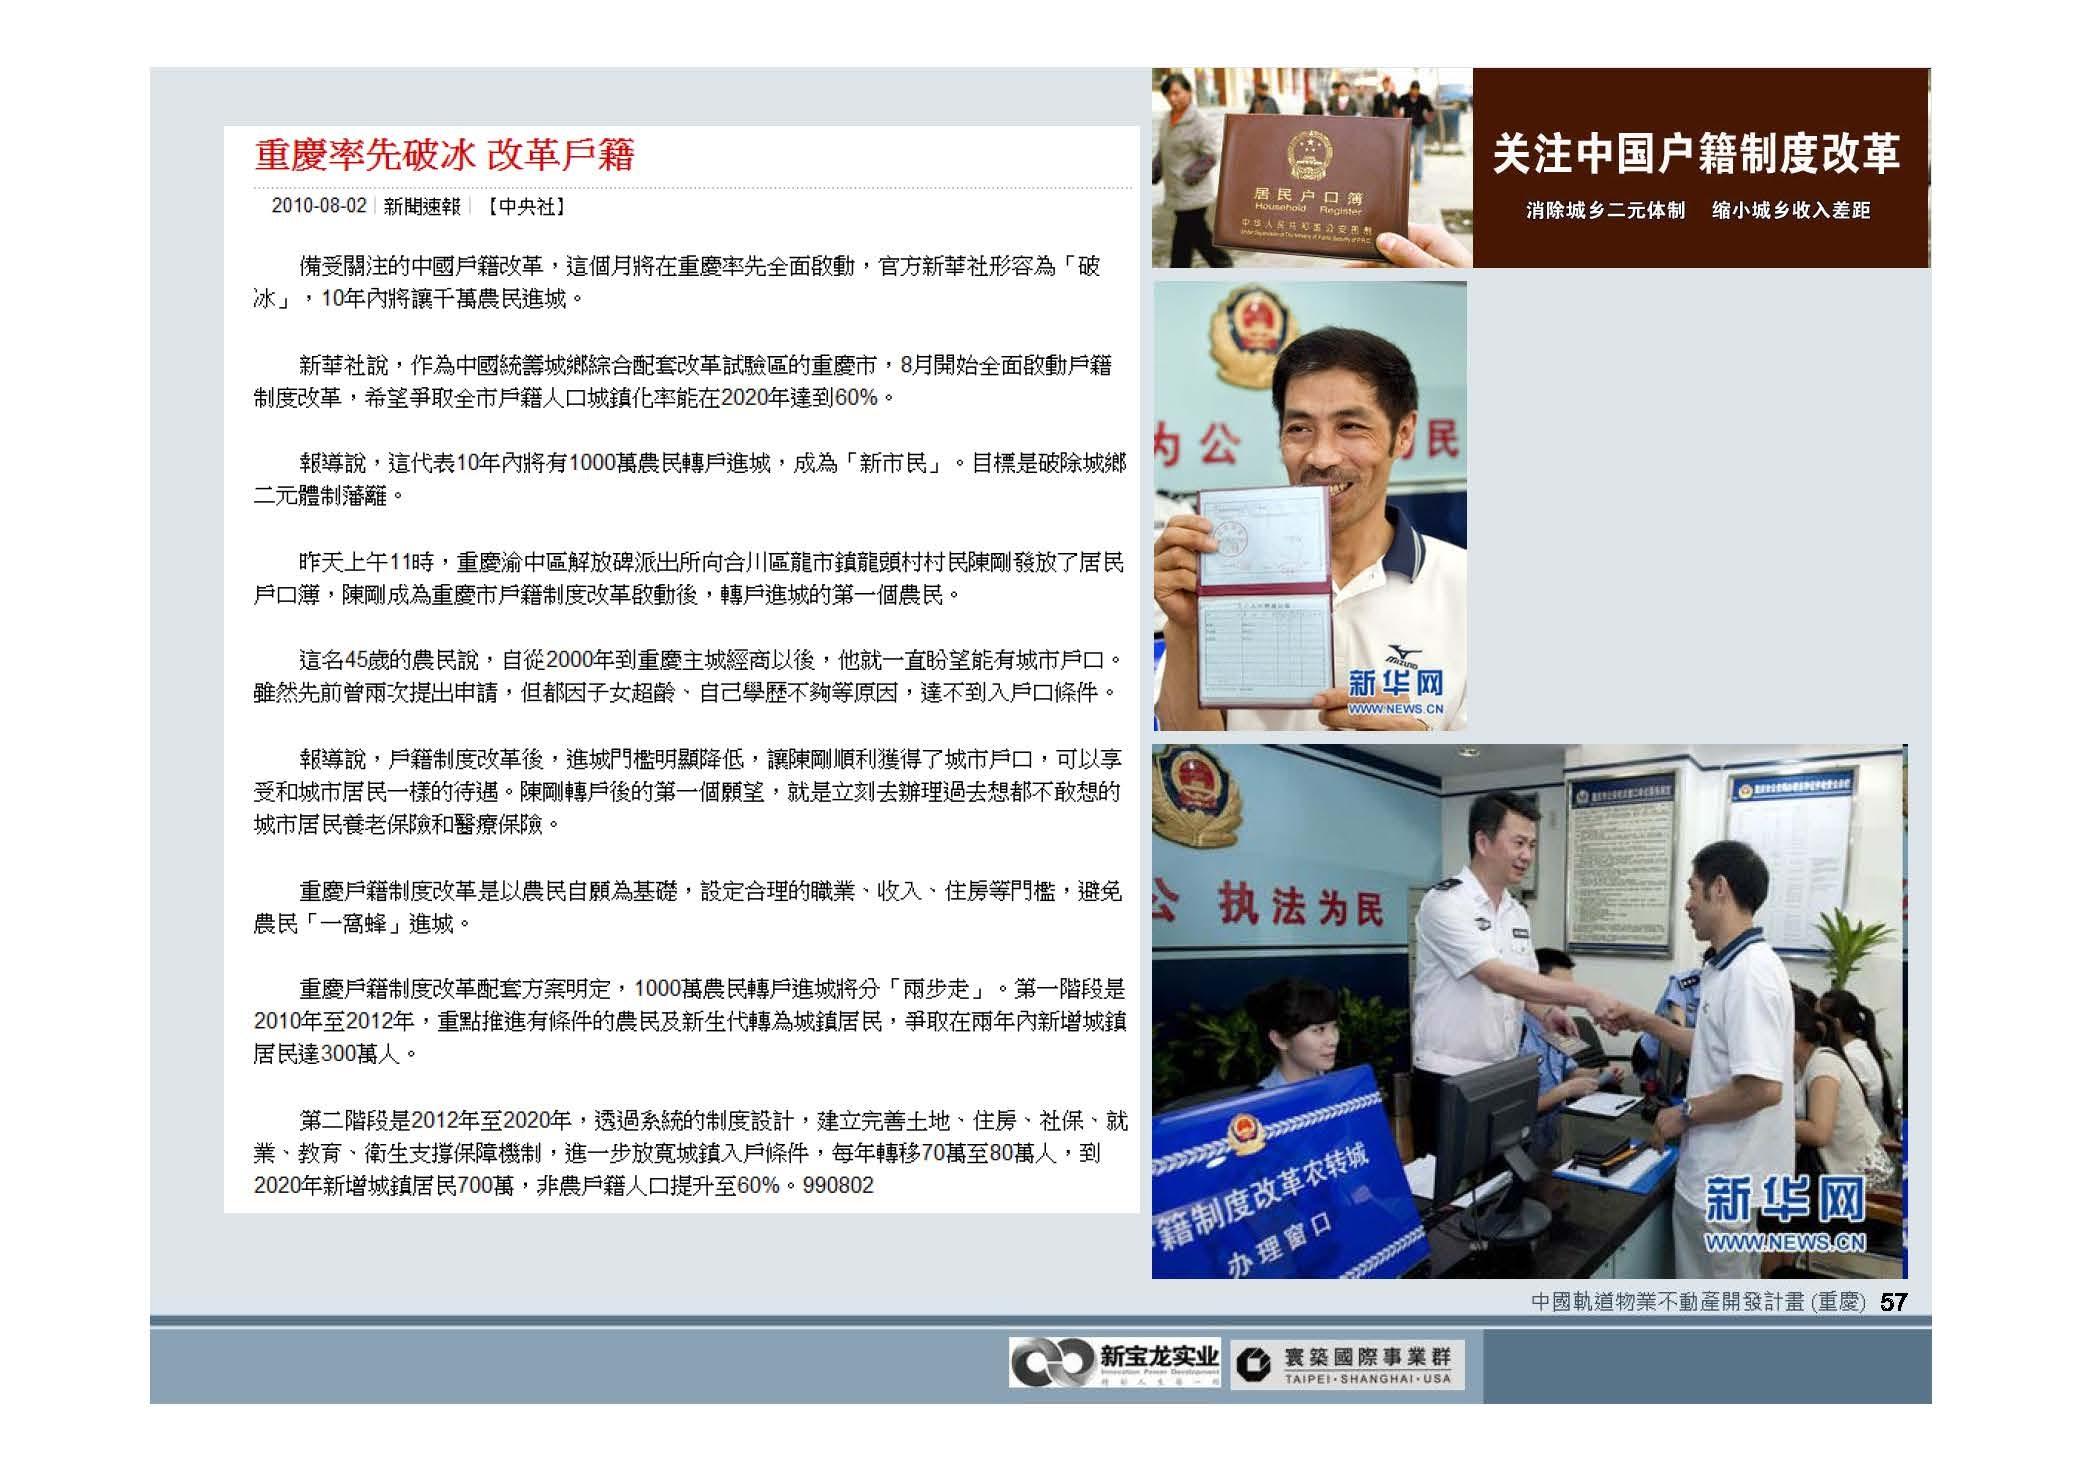 20100812-中國軌道物業不動產開發計畫(重慶)_頁面_58